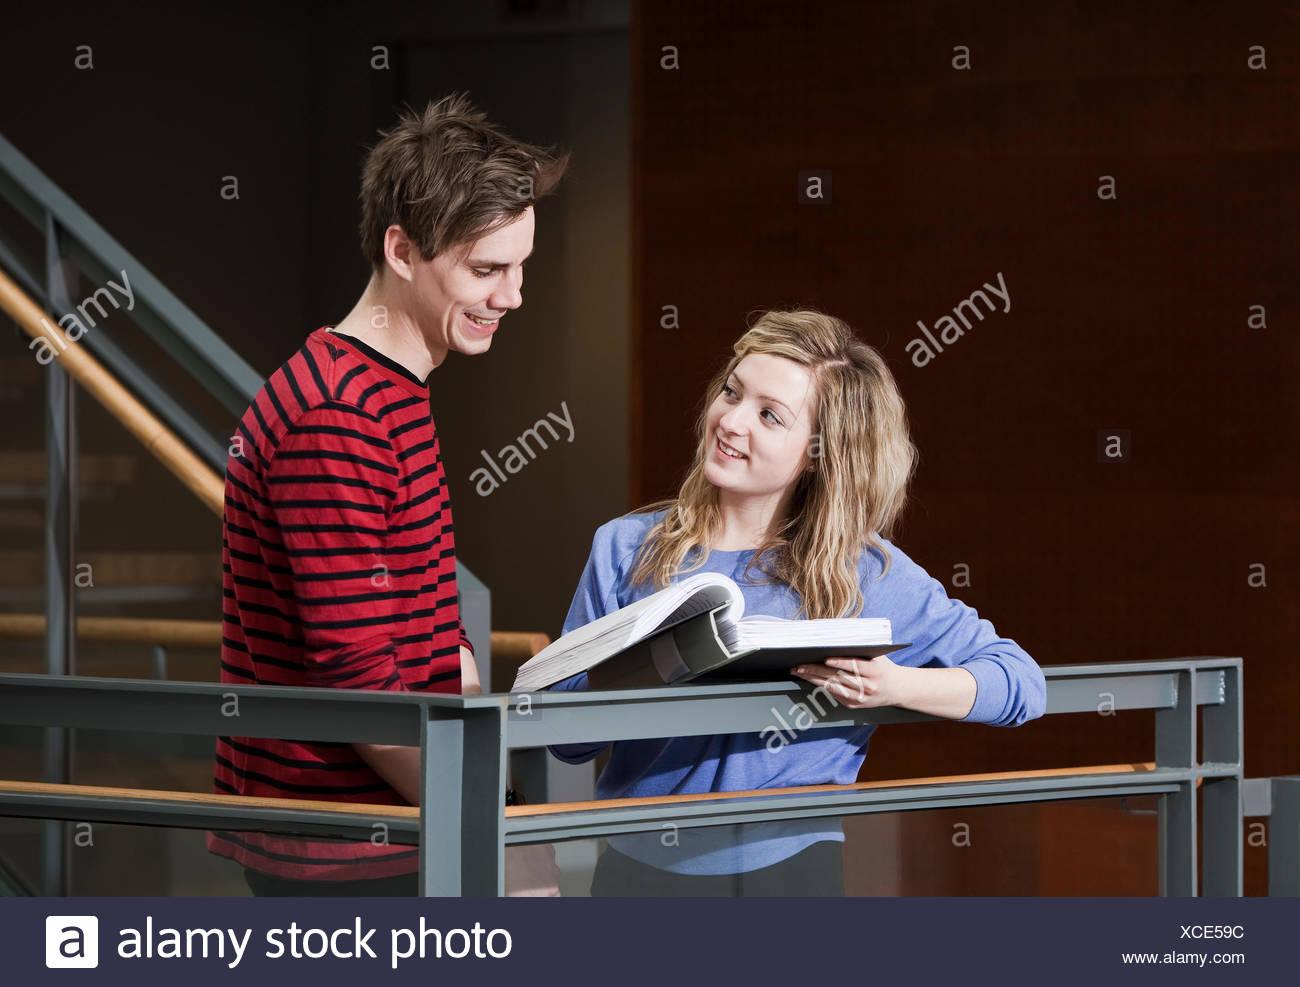 studies - Stock Image